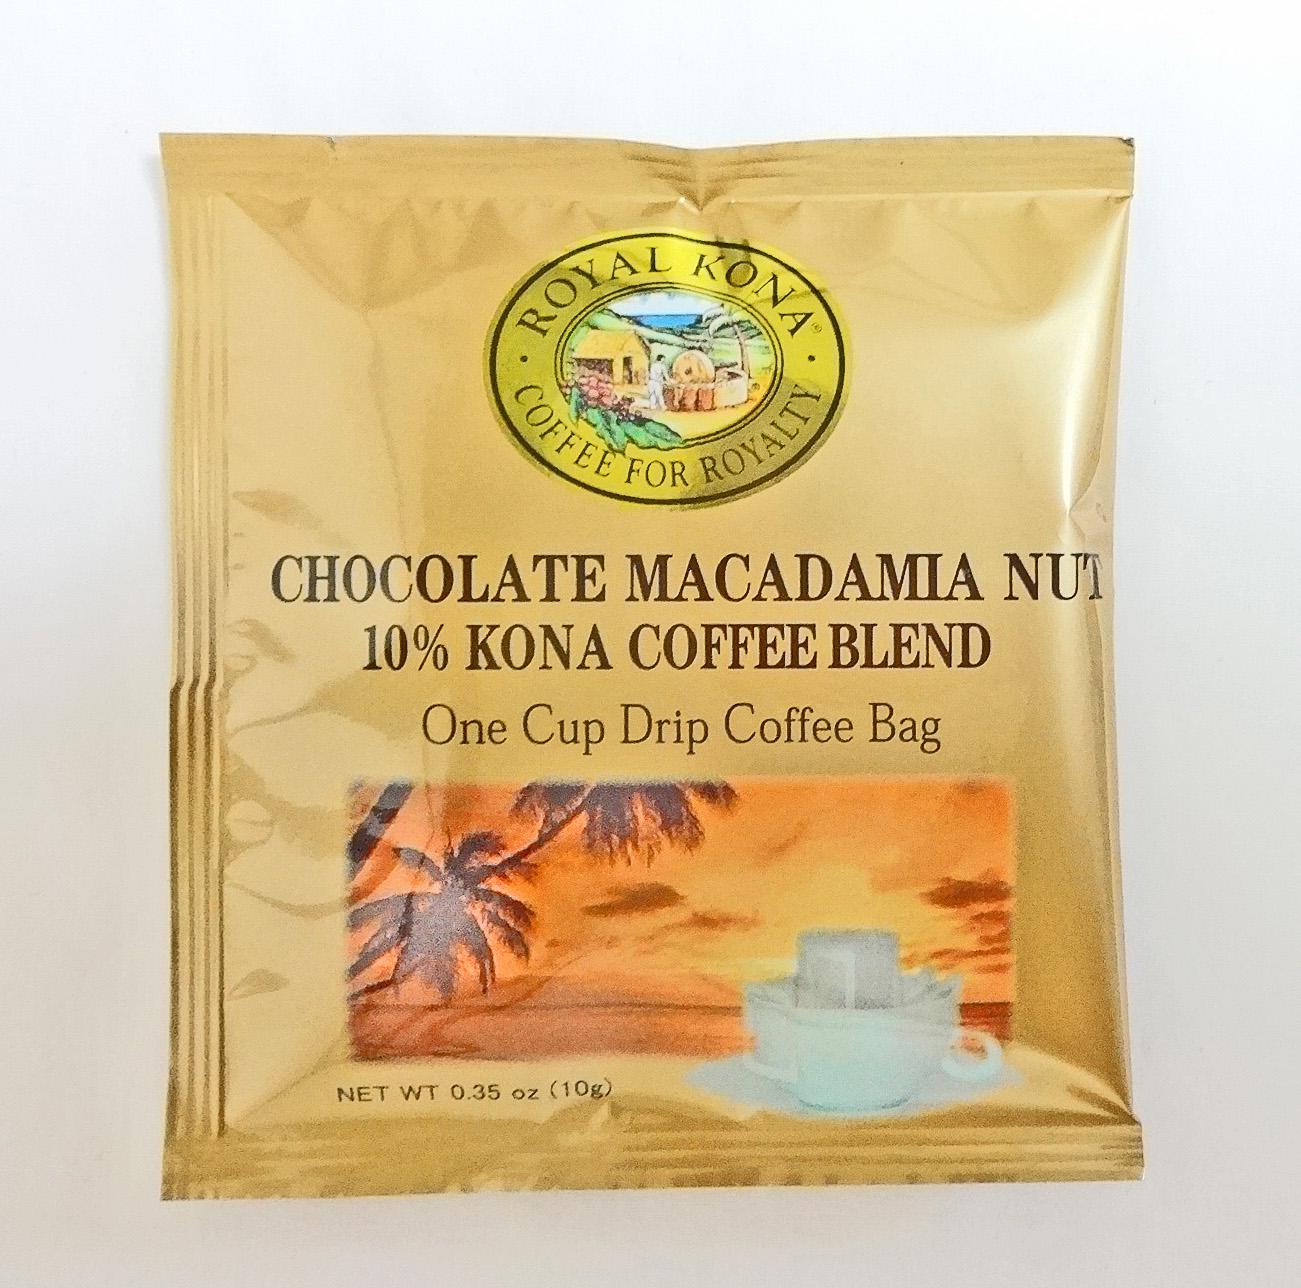 ロイヤルコナコーヒー/チョコマカダミア/ドリップコーヒーバッグ(10g)